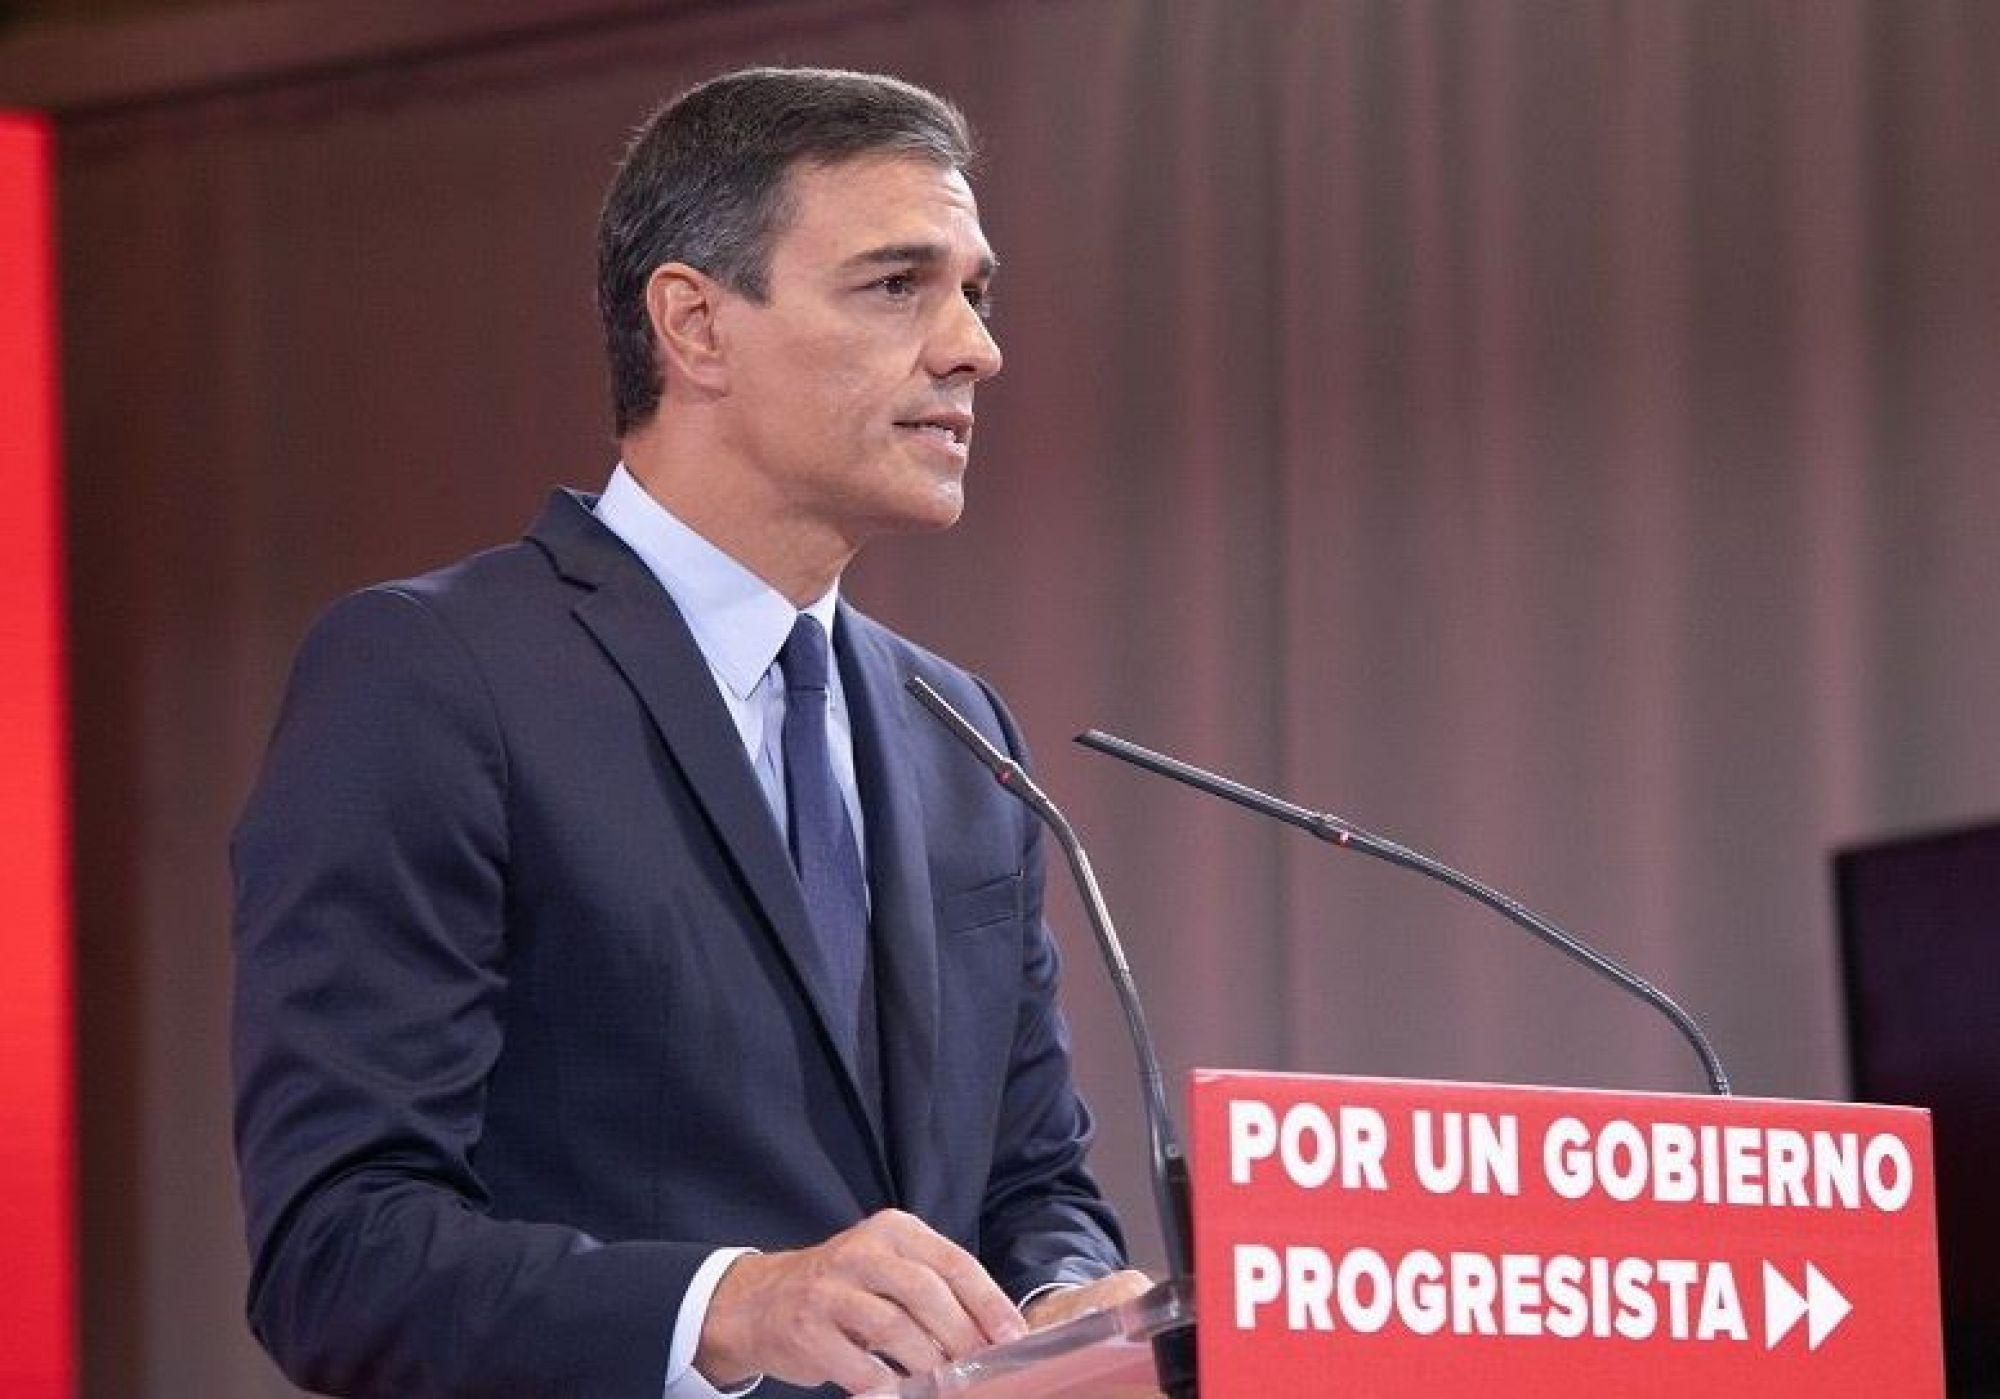 ¿Qué medidas se echan de menos entre las 370 propuestas por el PSOE?